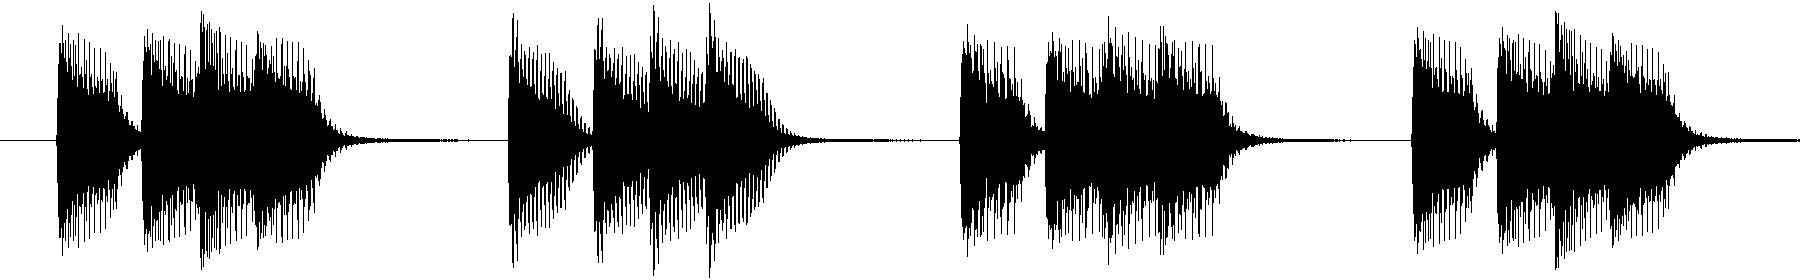 09 dh2 piano loop f 124